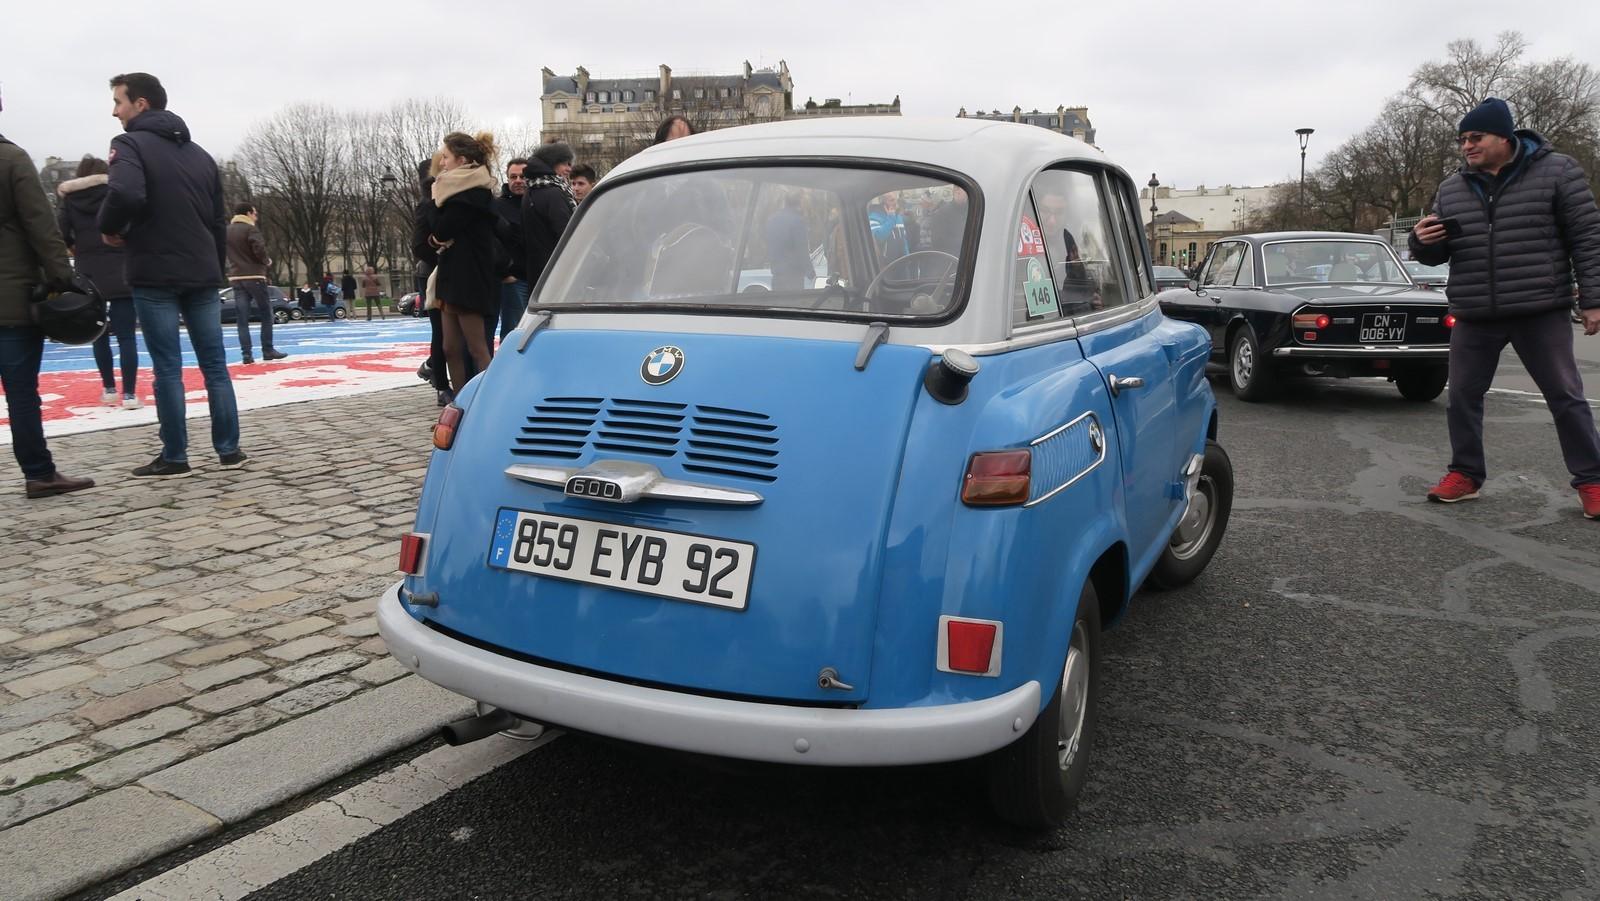 Traversee de Paris hivernale 2019 FM 123